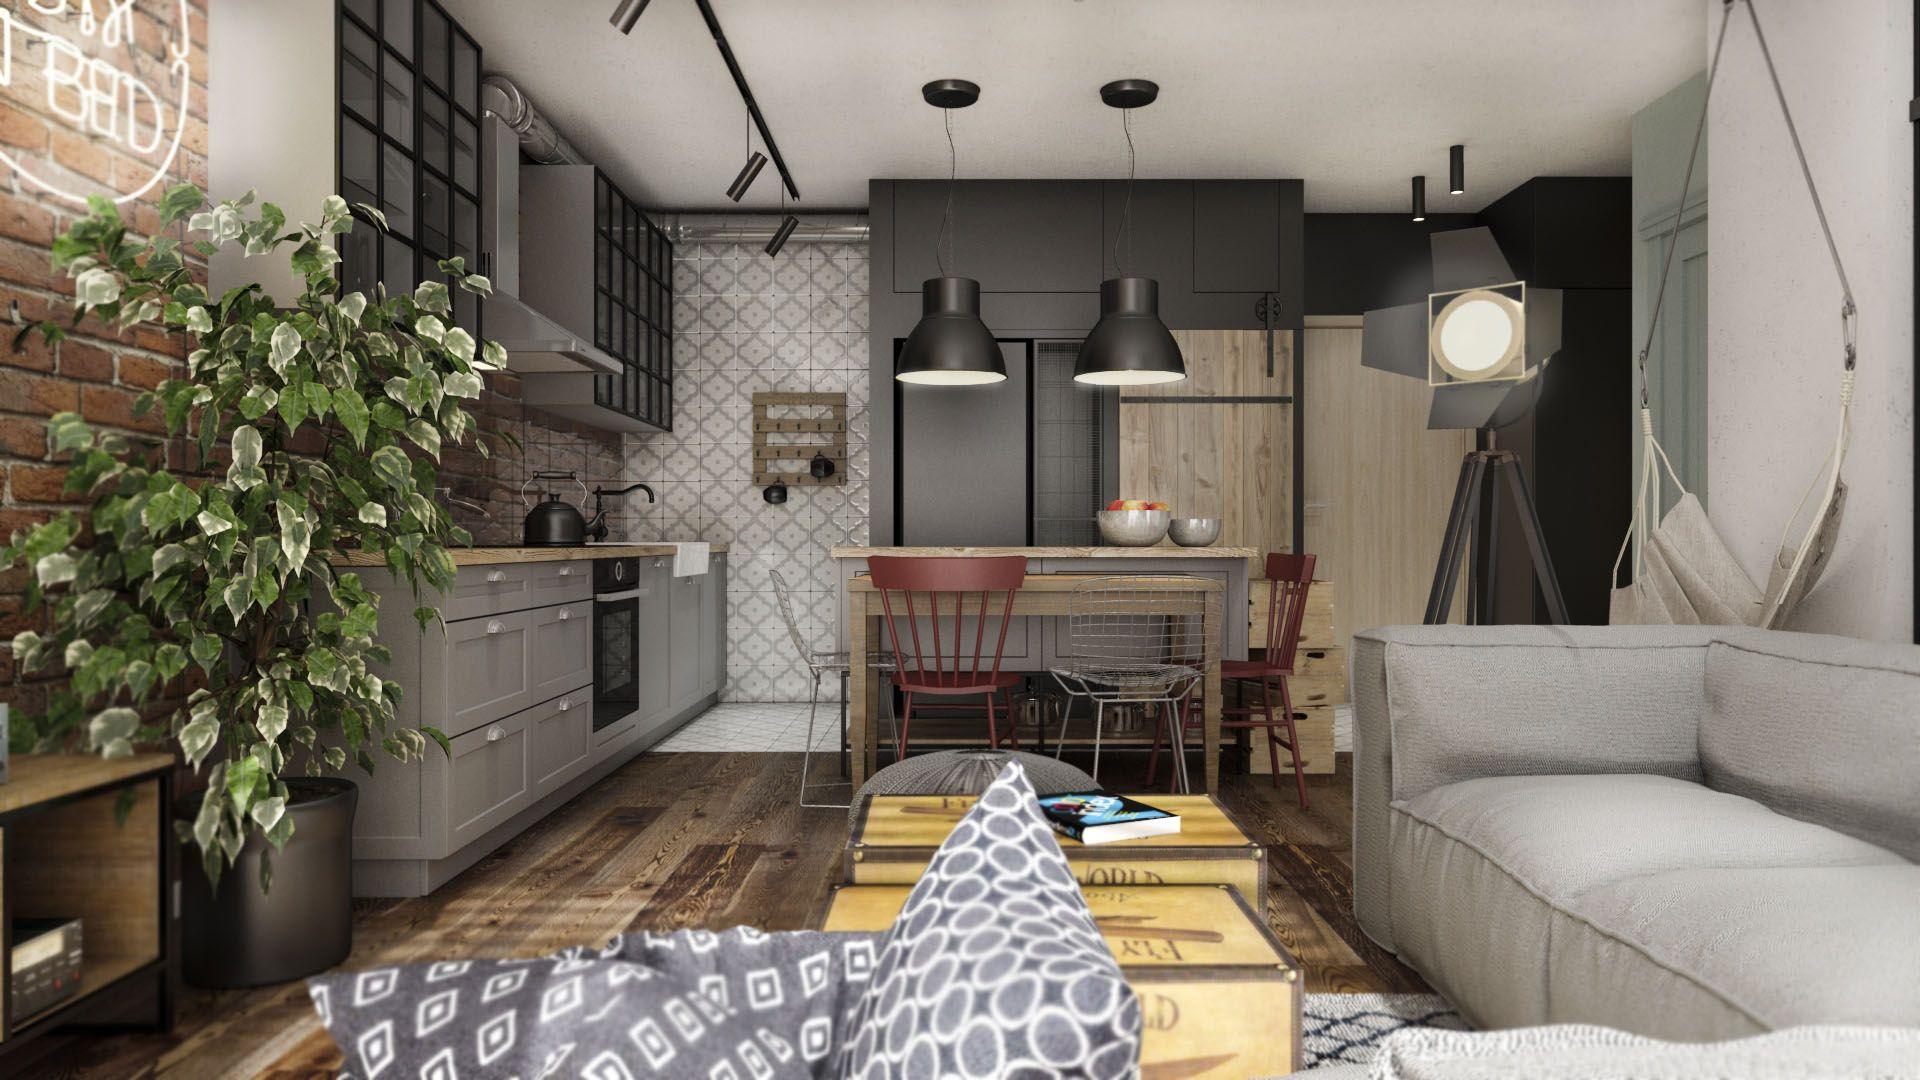 Salon Z Kuchnia W Stylu Industrialnym Modern Kitchen Design Home Furniture